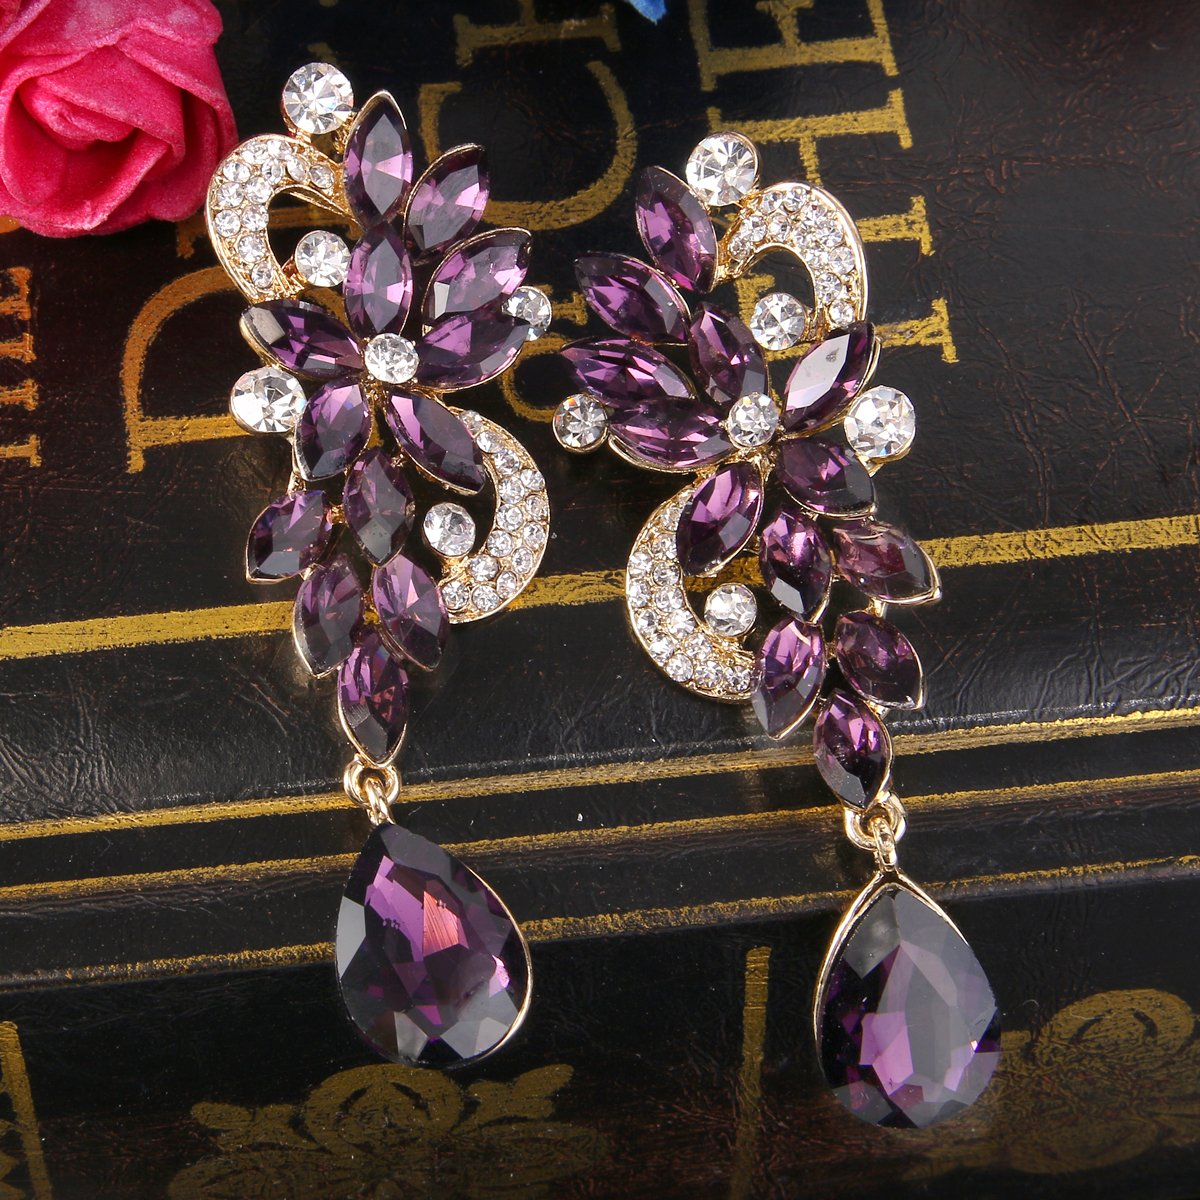 BriLove Women's Wedding Bridal Dangle Earrings Bohemian Boho Crystal Flower Chandelier Teardrop Bling Earrings Amethyst Color Gold-Tone by BriLove (Image #4)